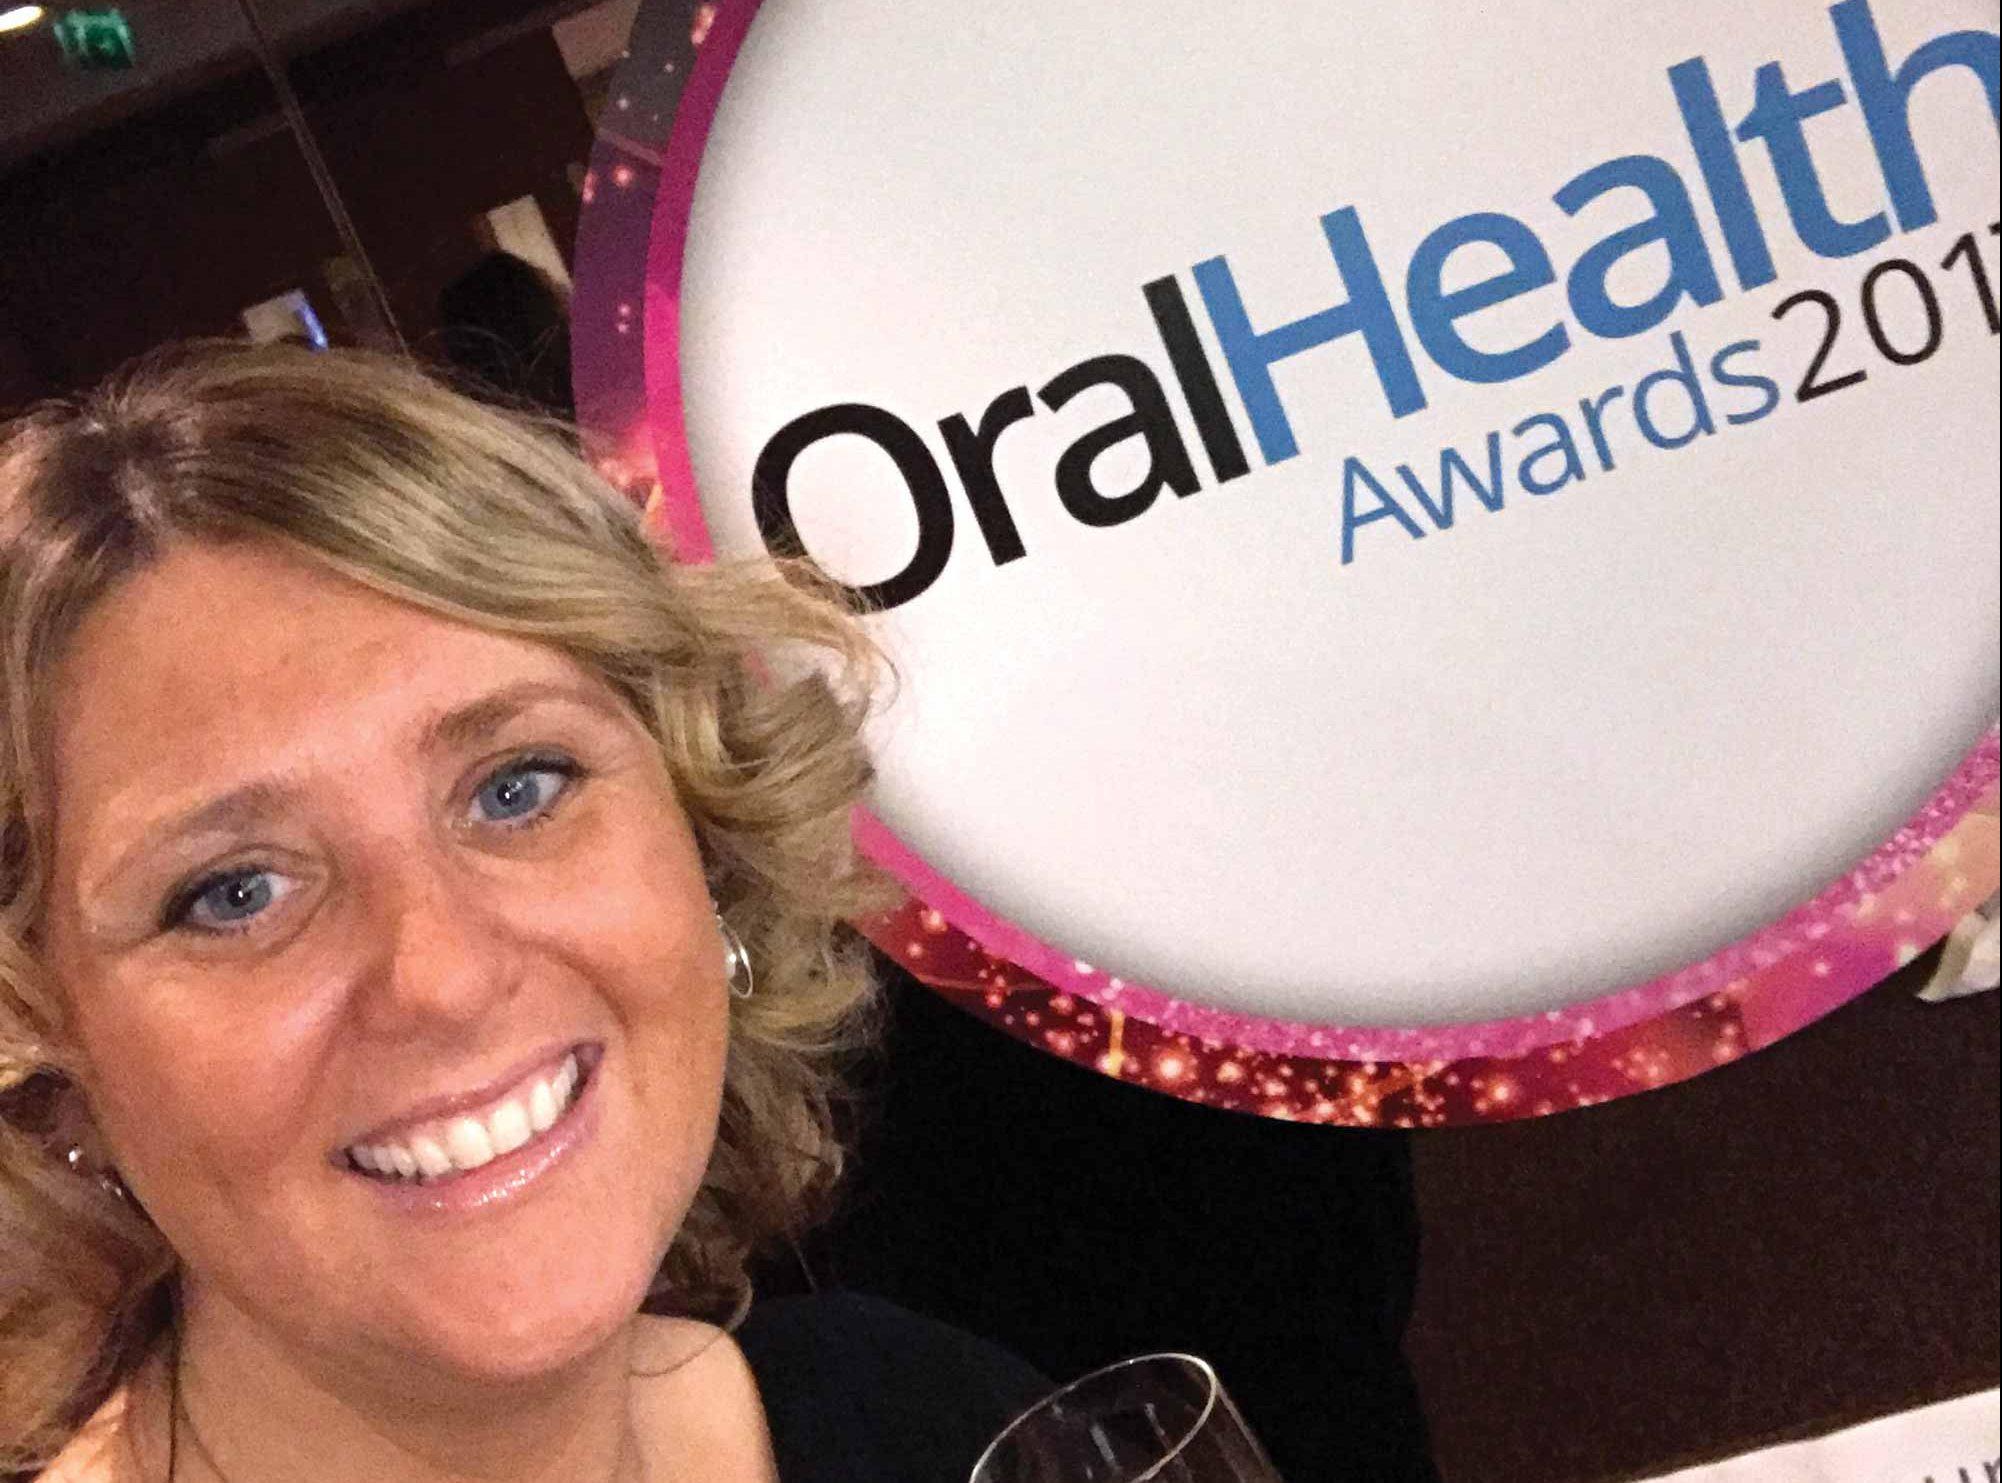 Faye at the oral health awards.